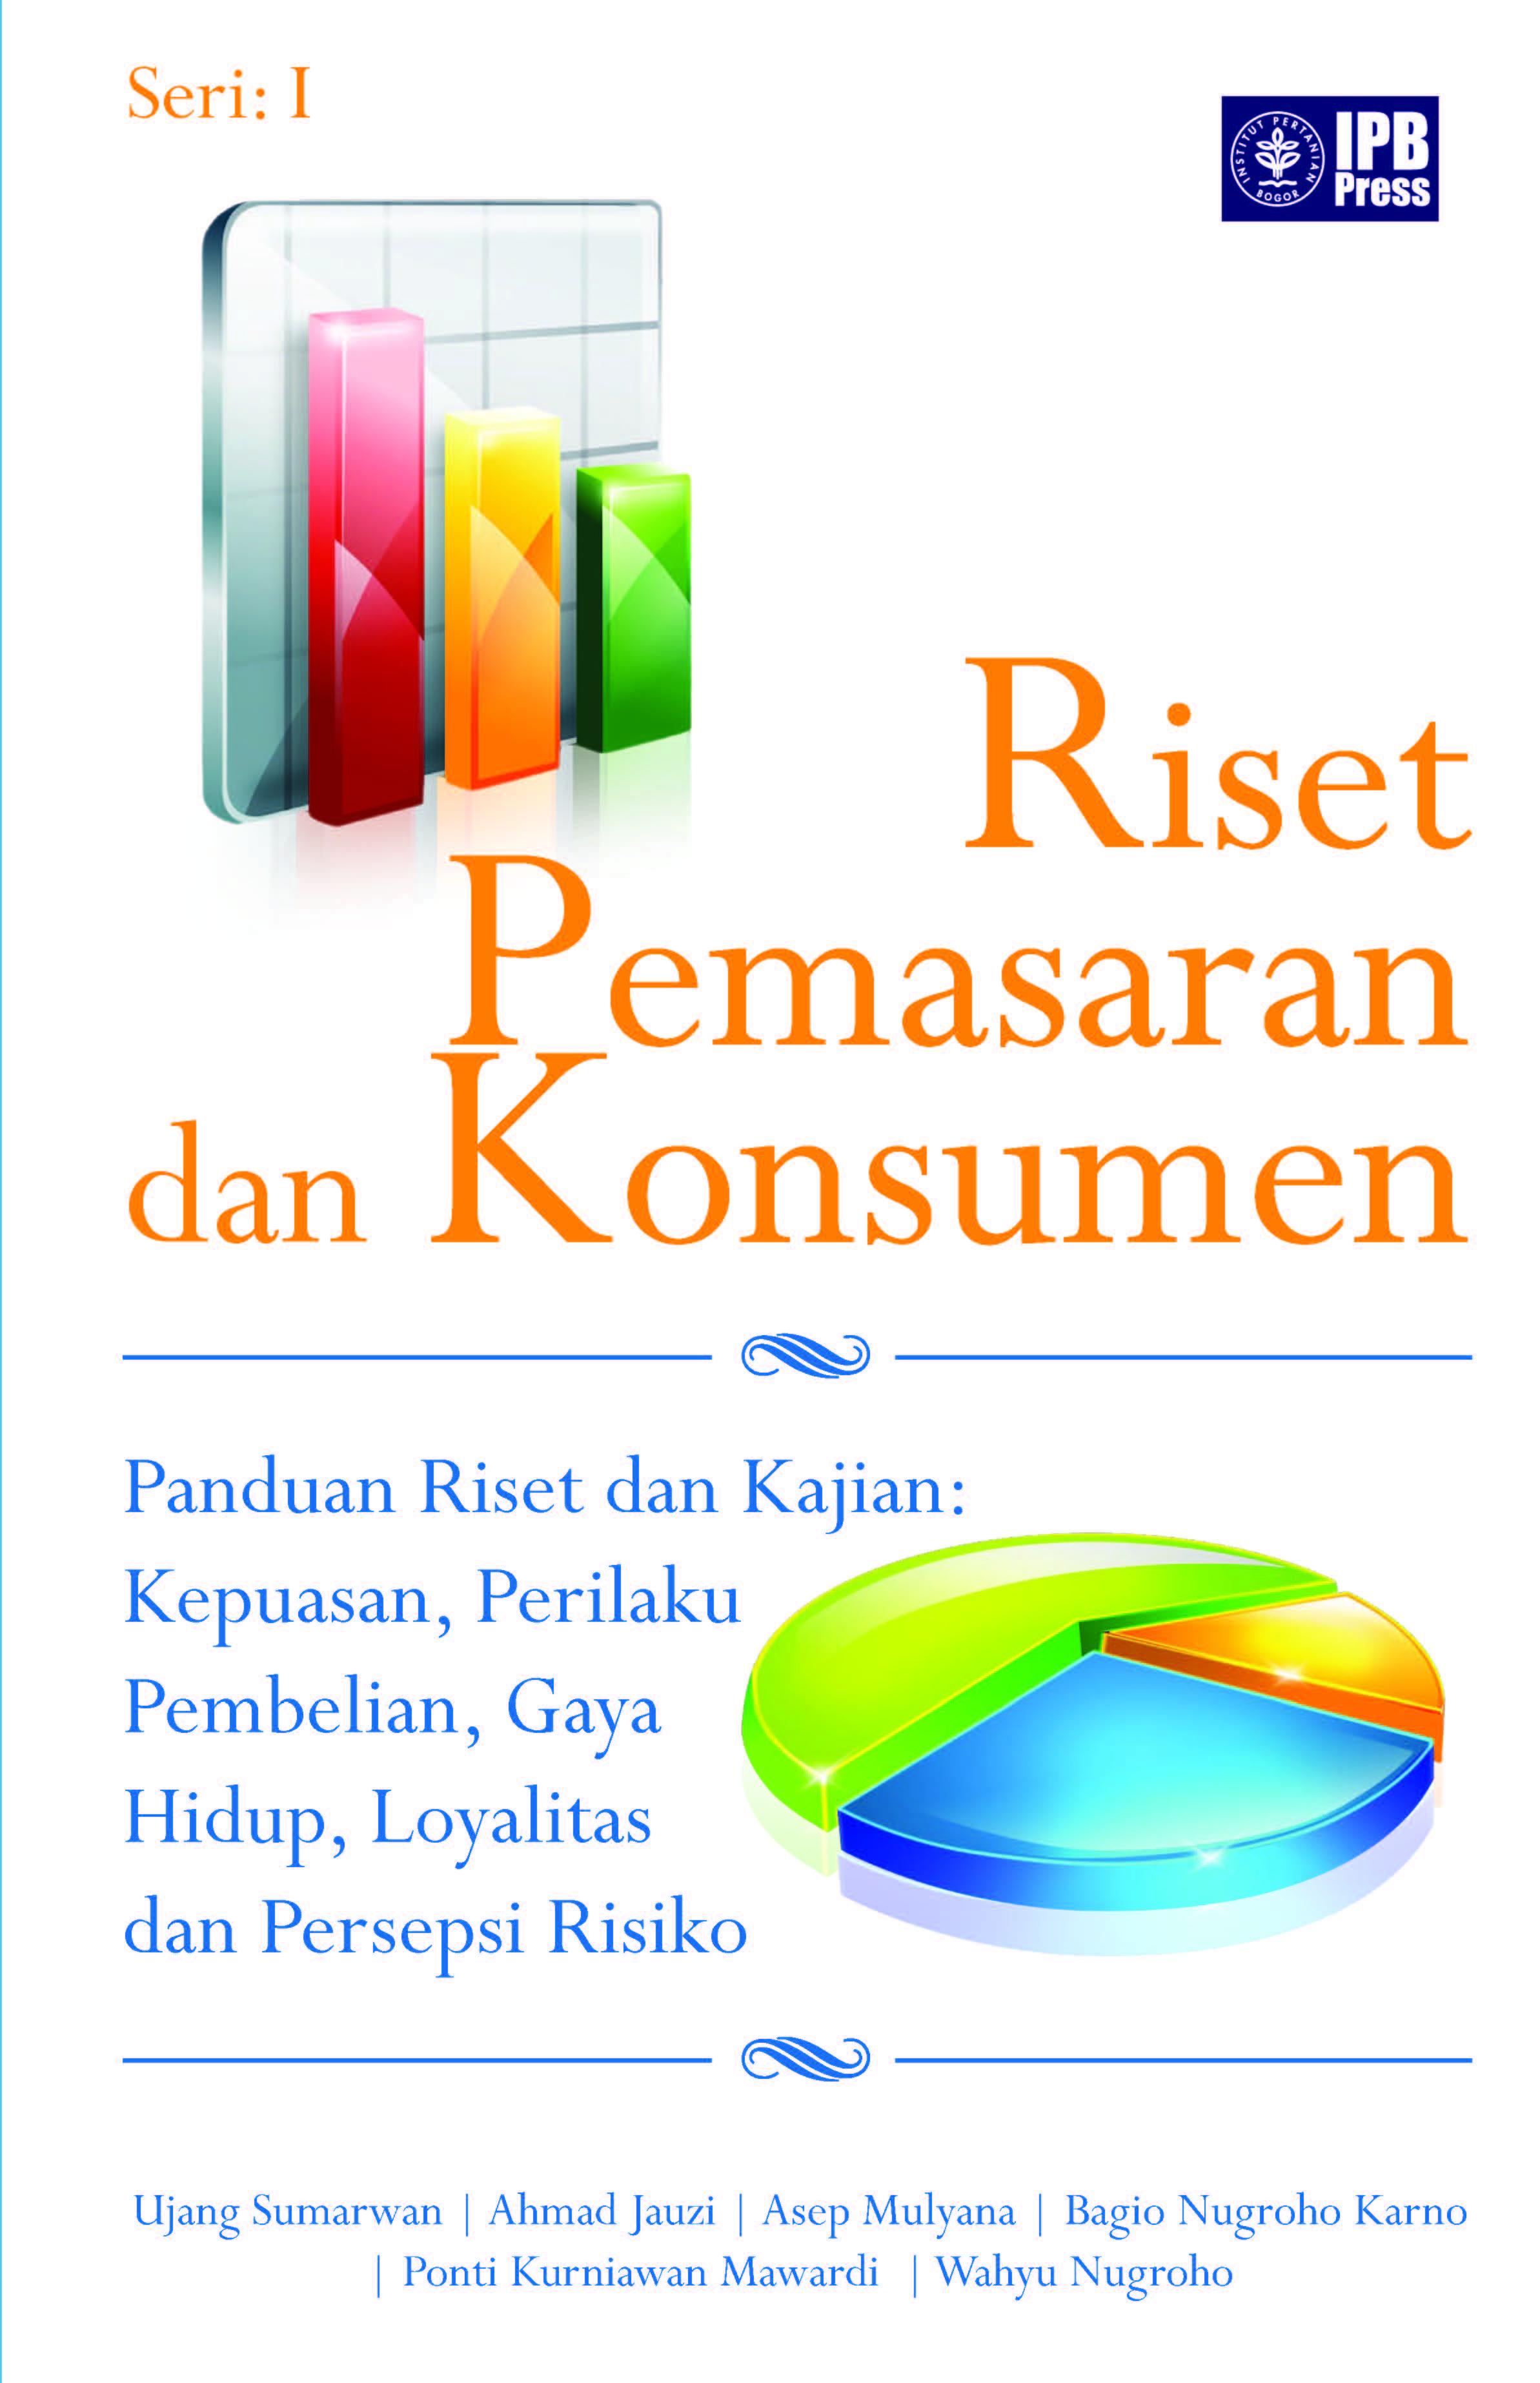 Riset pemasaran dan konsumen : [sumber elektronis]